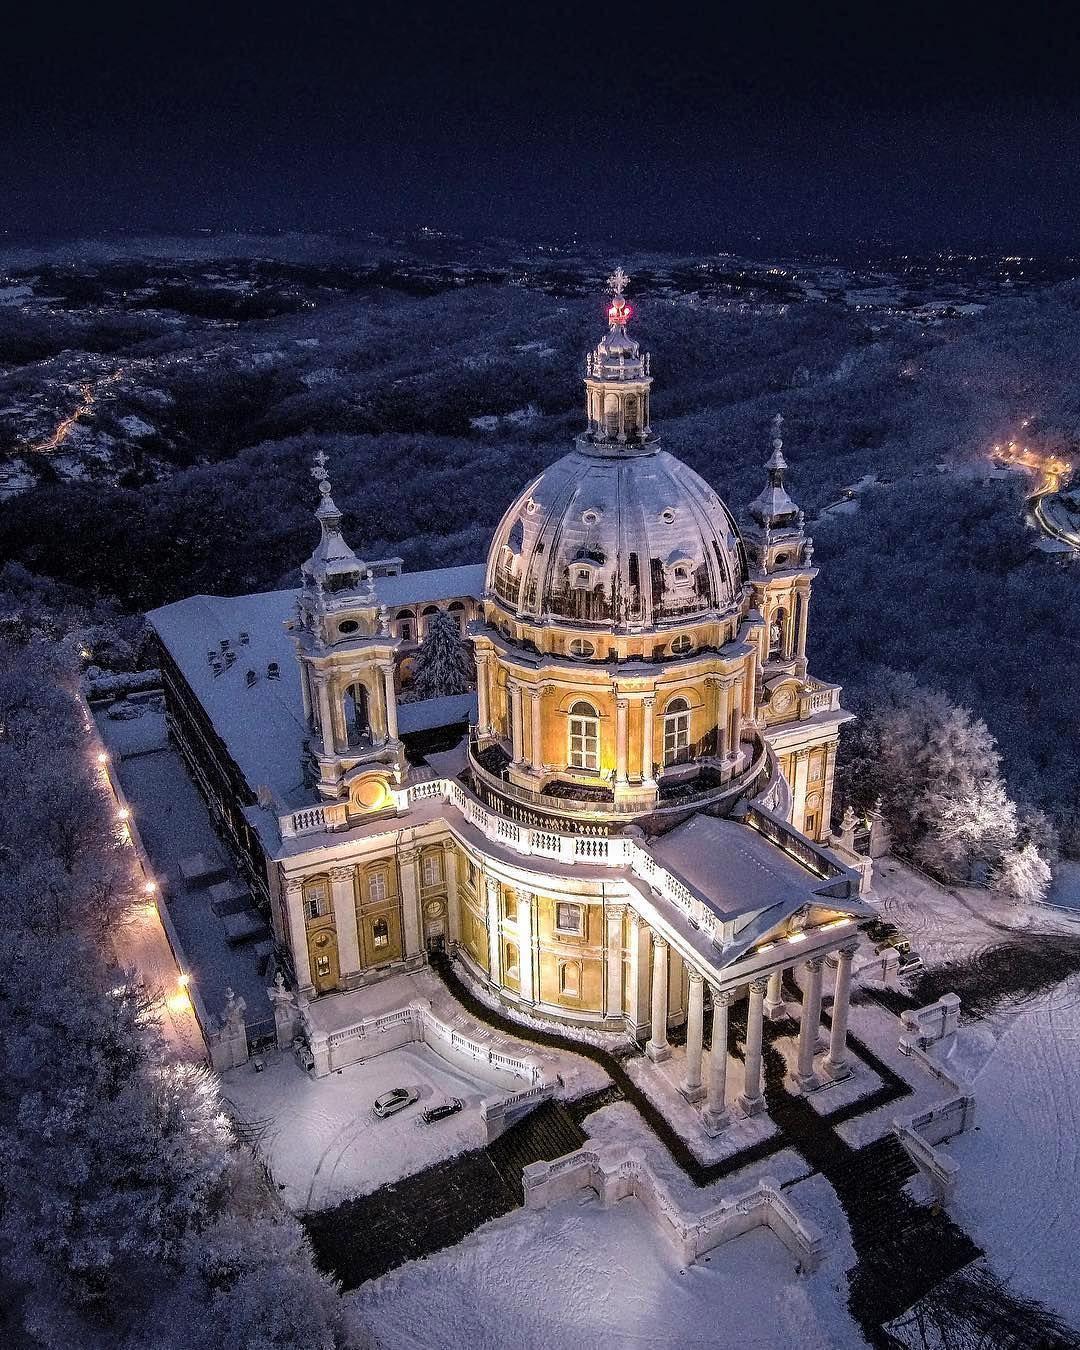 La basilica di Superga innevata - photo by @albertobogetto ...